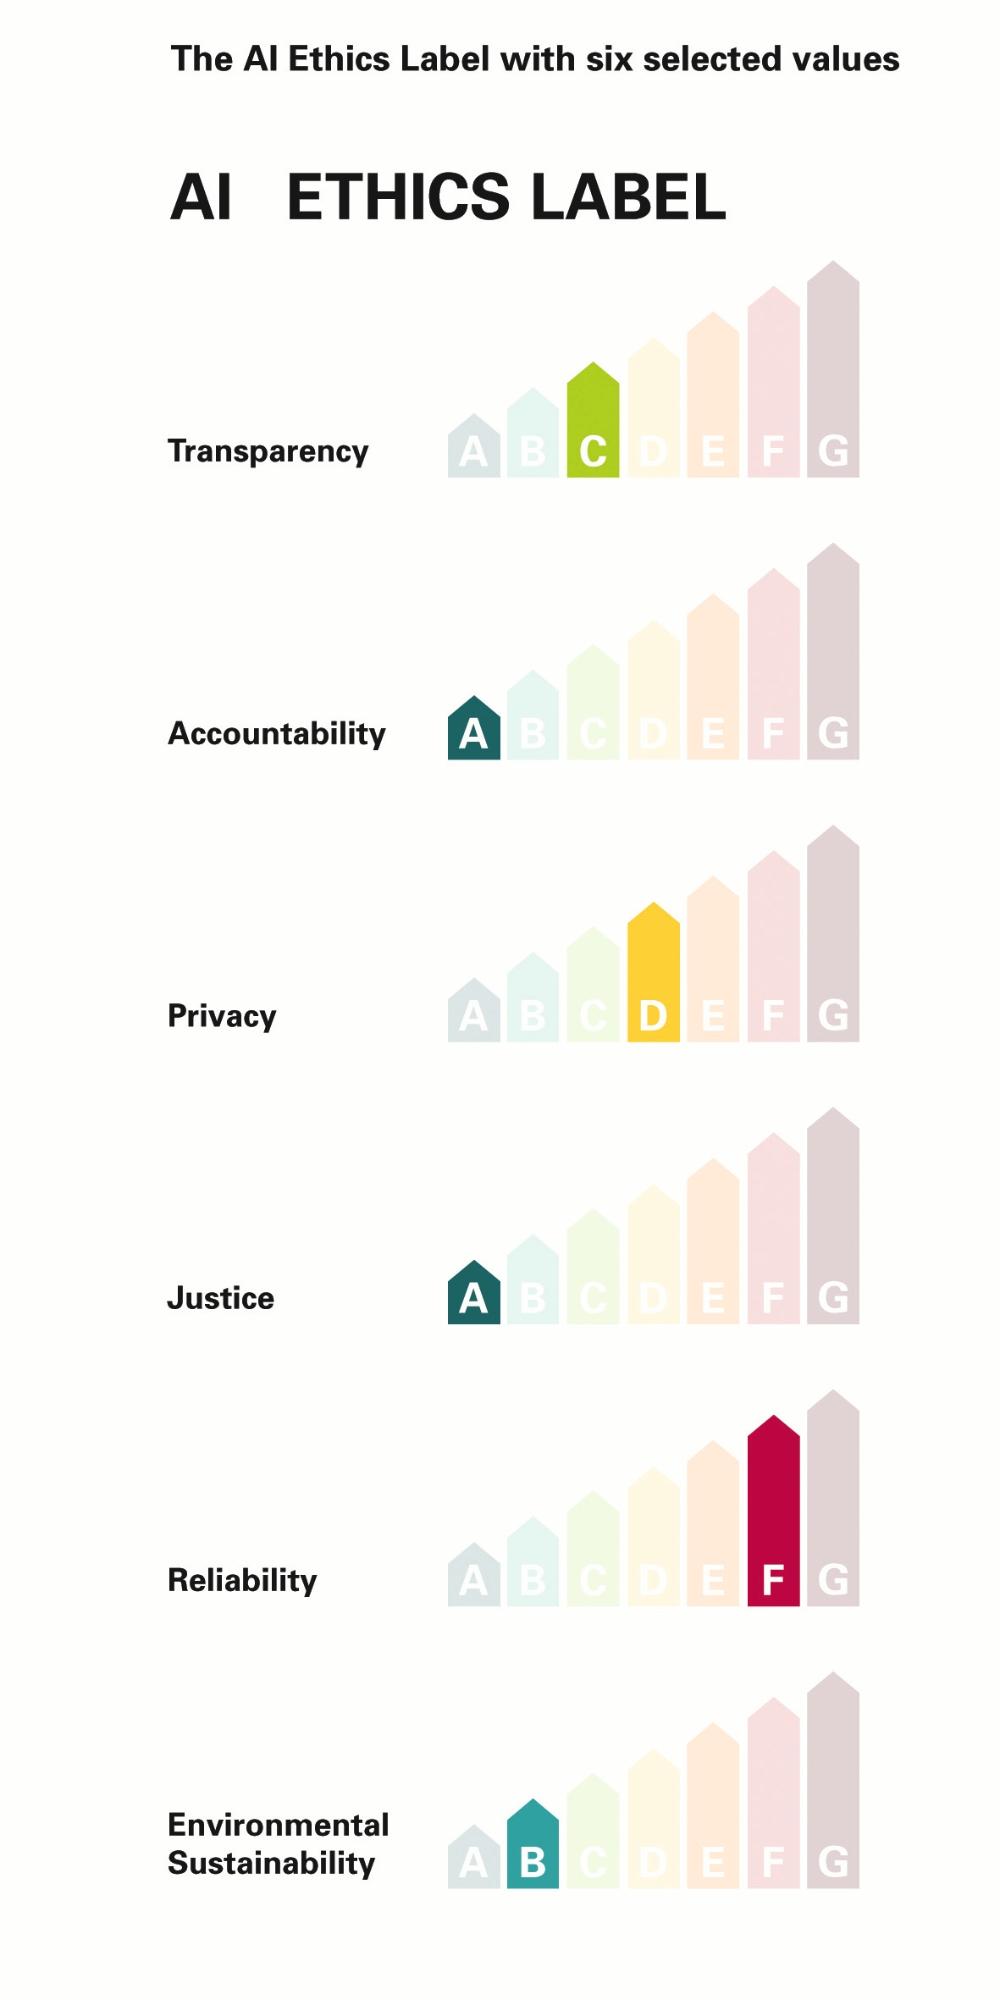 Der Kriterienkatalog listet im Einzelnen auf: Transparenz, Haftung, Privatsphäre, Gerechtigkeit, Zuverlässigkeit und Nachhaltigkeit. Sie können jeweils einen Grad von A bis G erreichen, wobei A als am besten anzusehen ist.